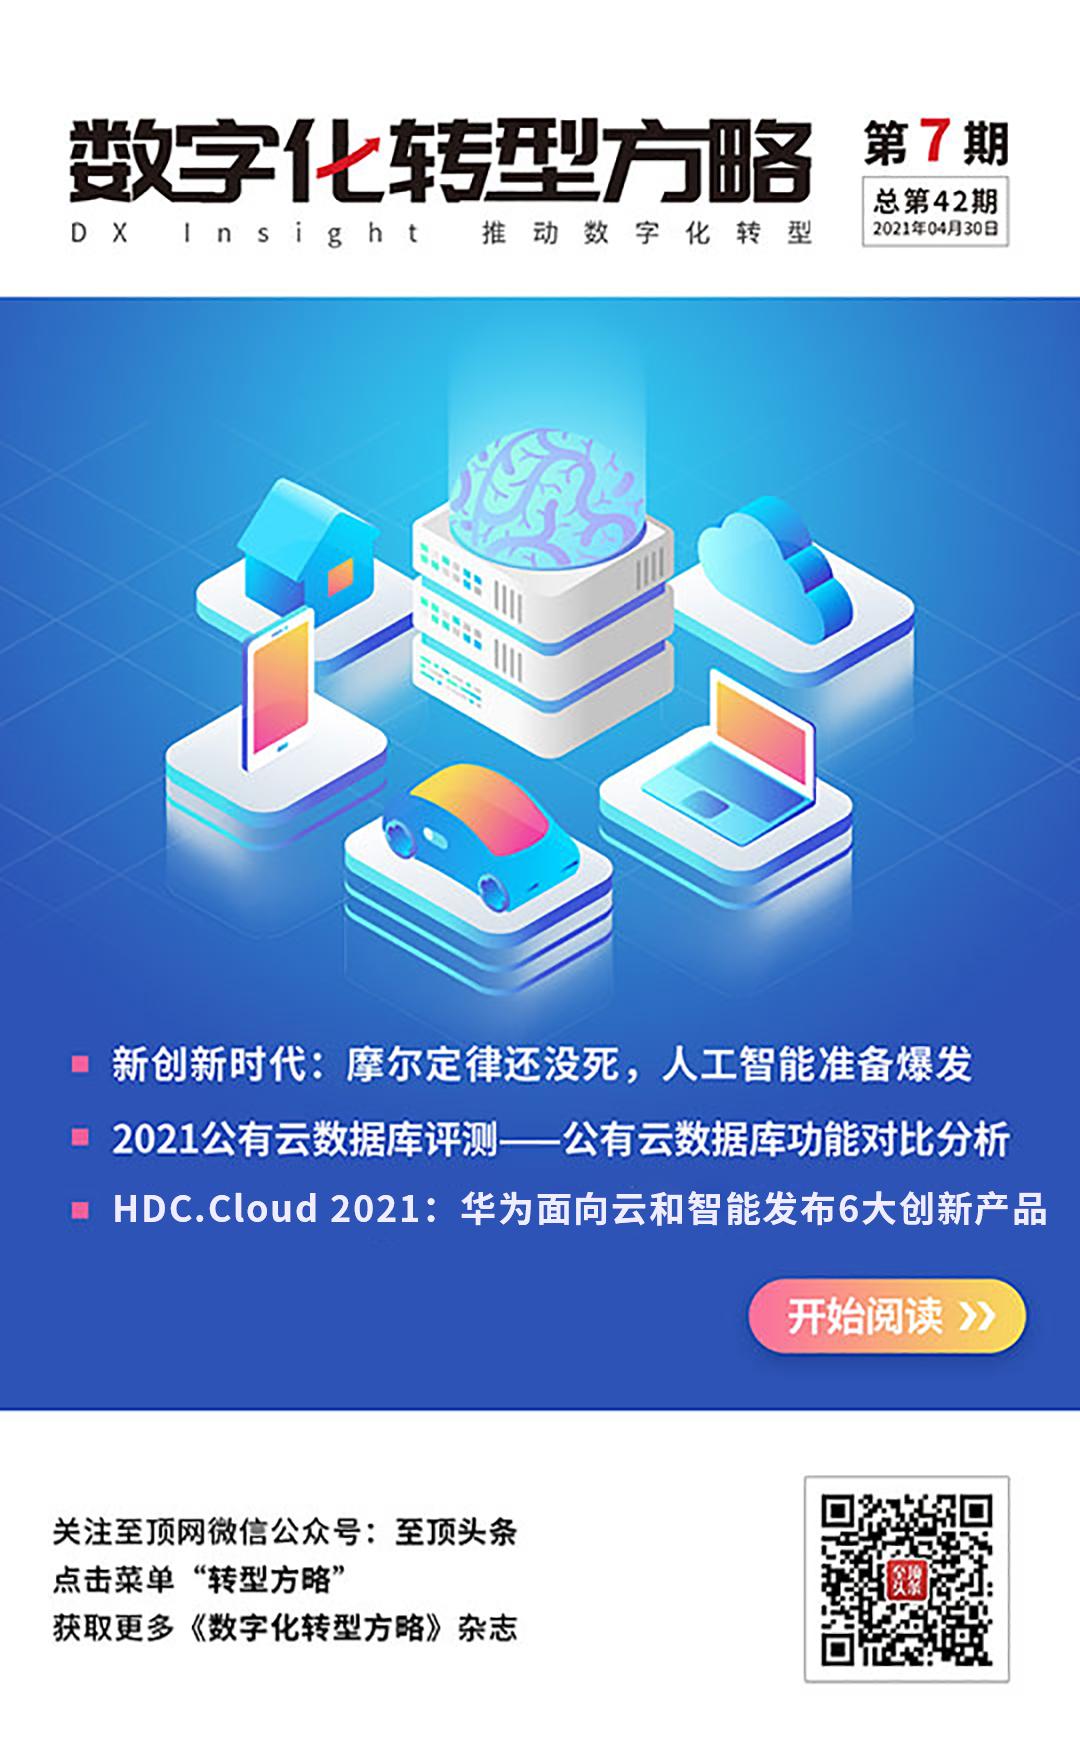 《数字化转型方略》2021年第七期 - 至顶网